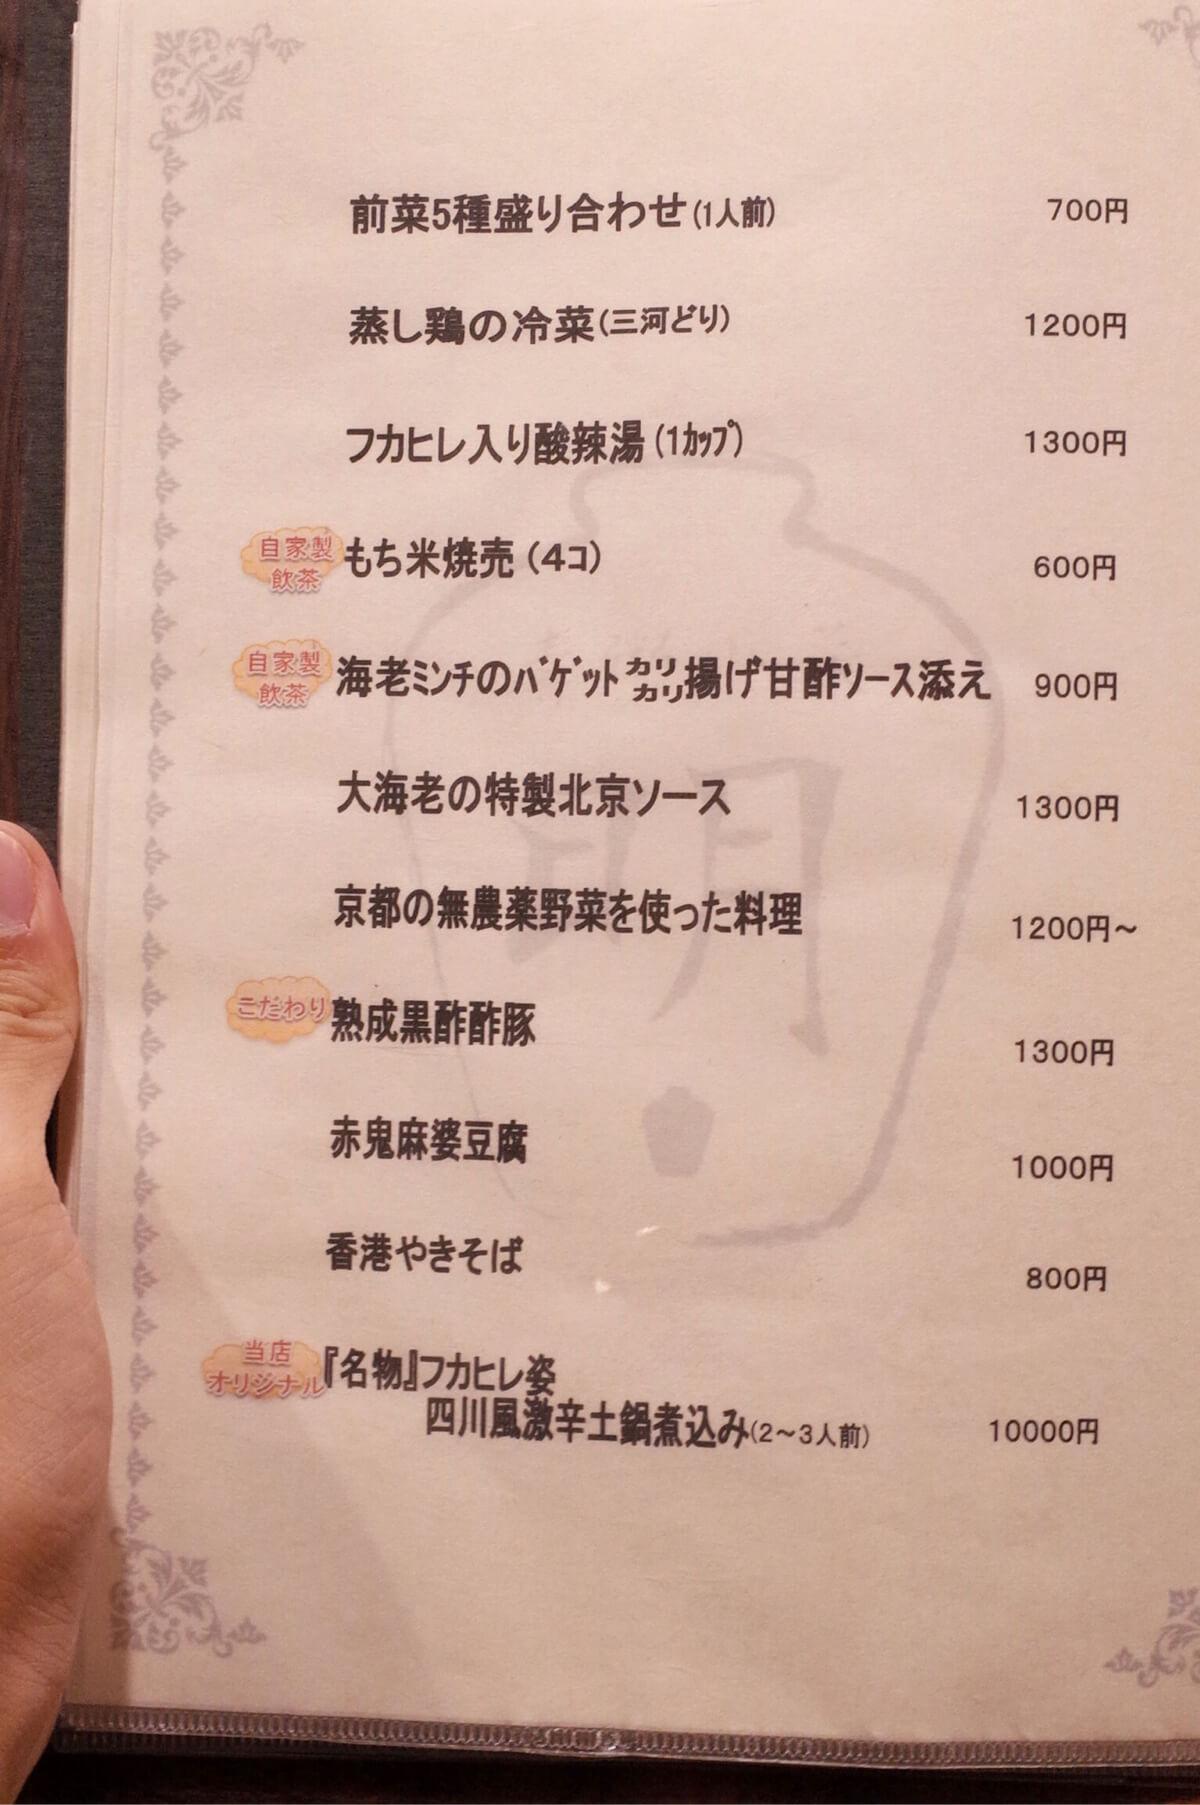 江坂 ランチ 清粥小菜 メニュー